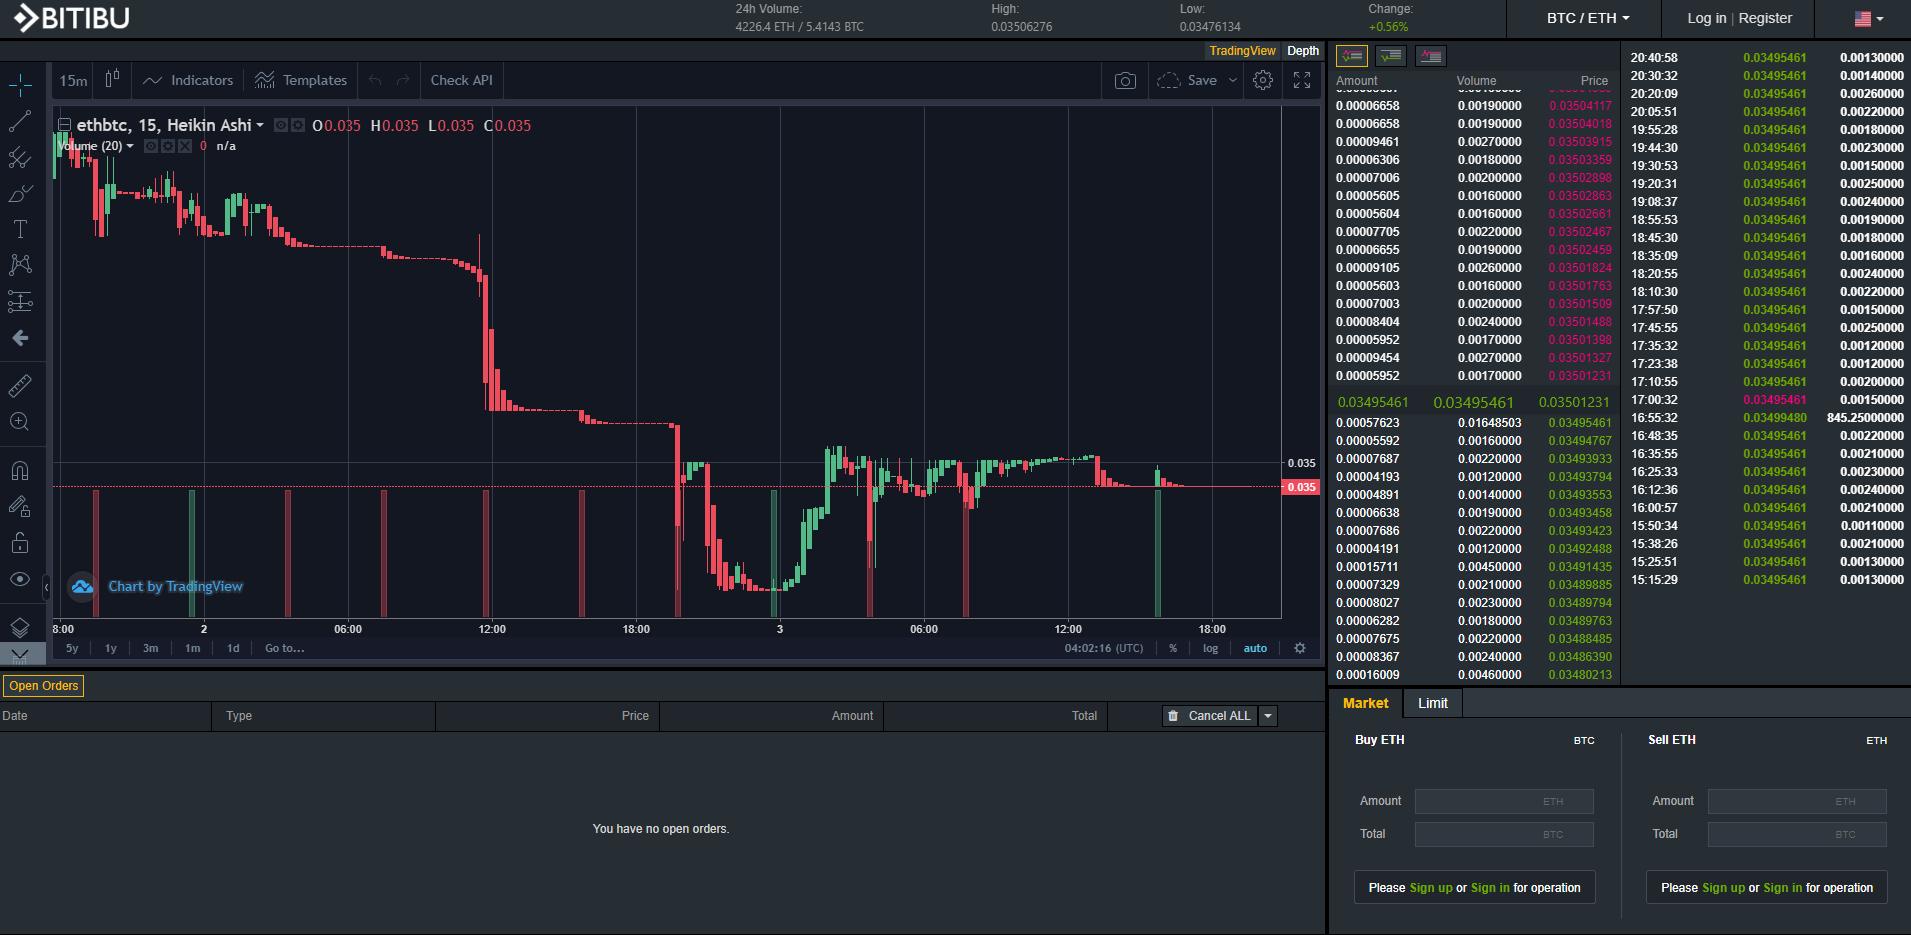 Bitibu Trading View